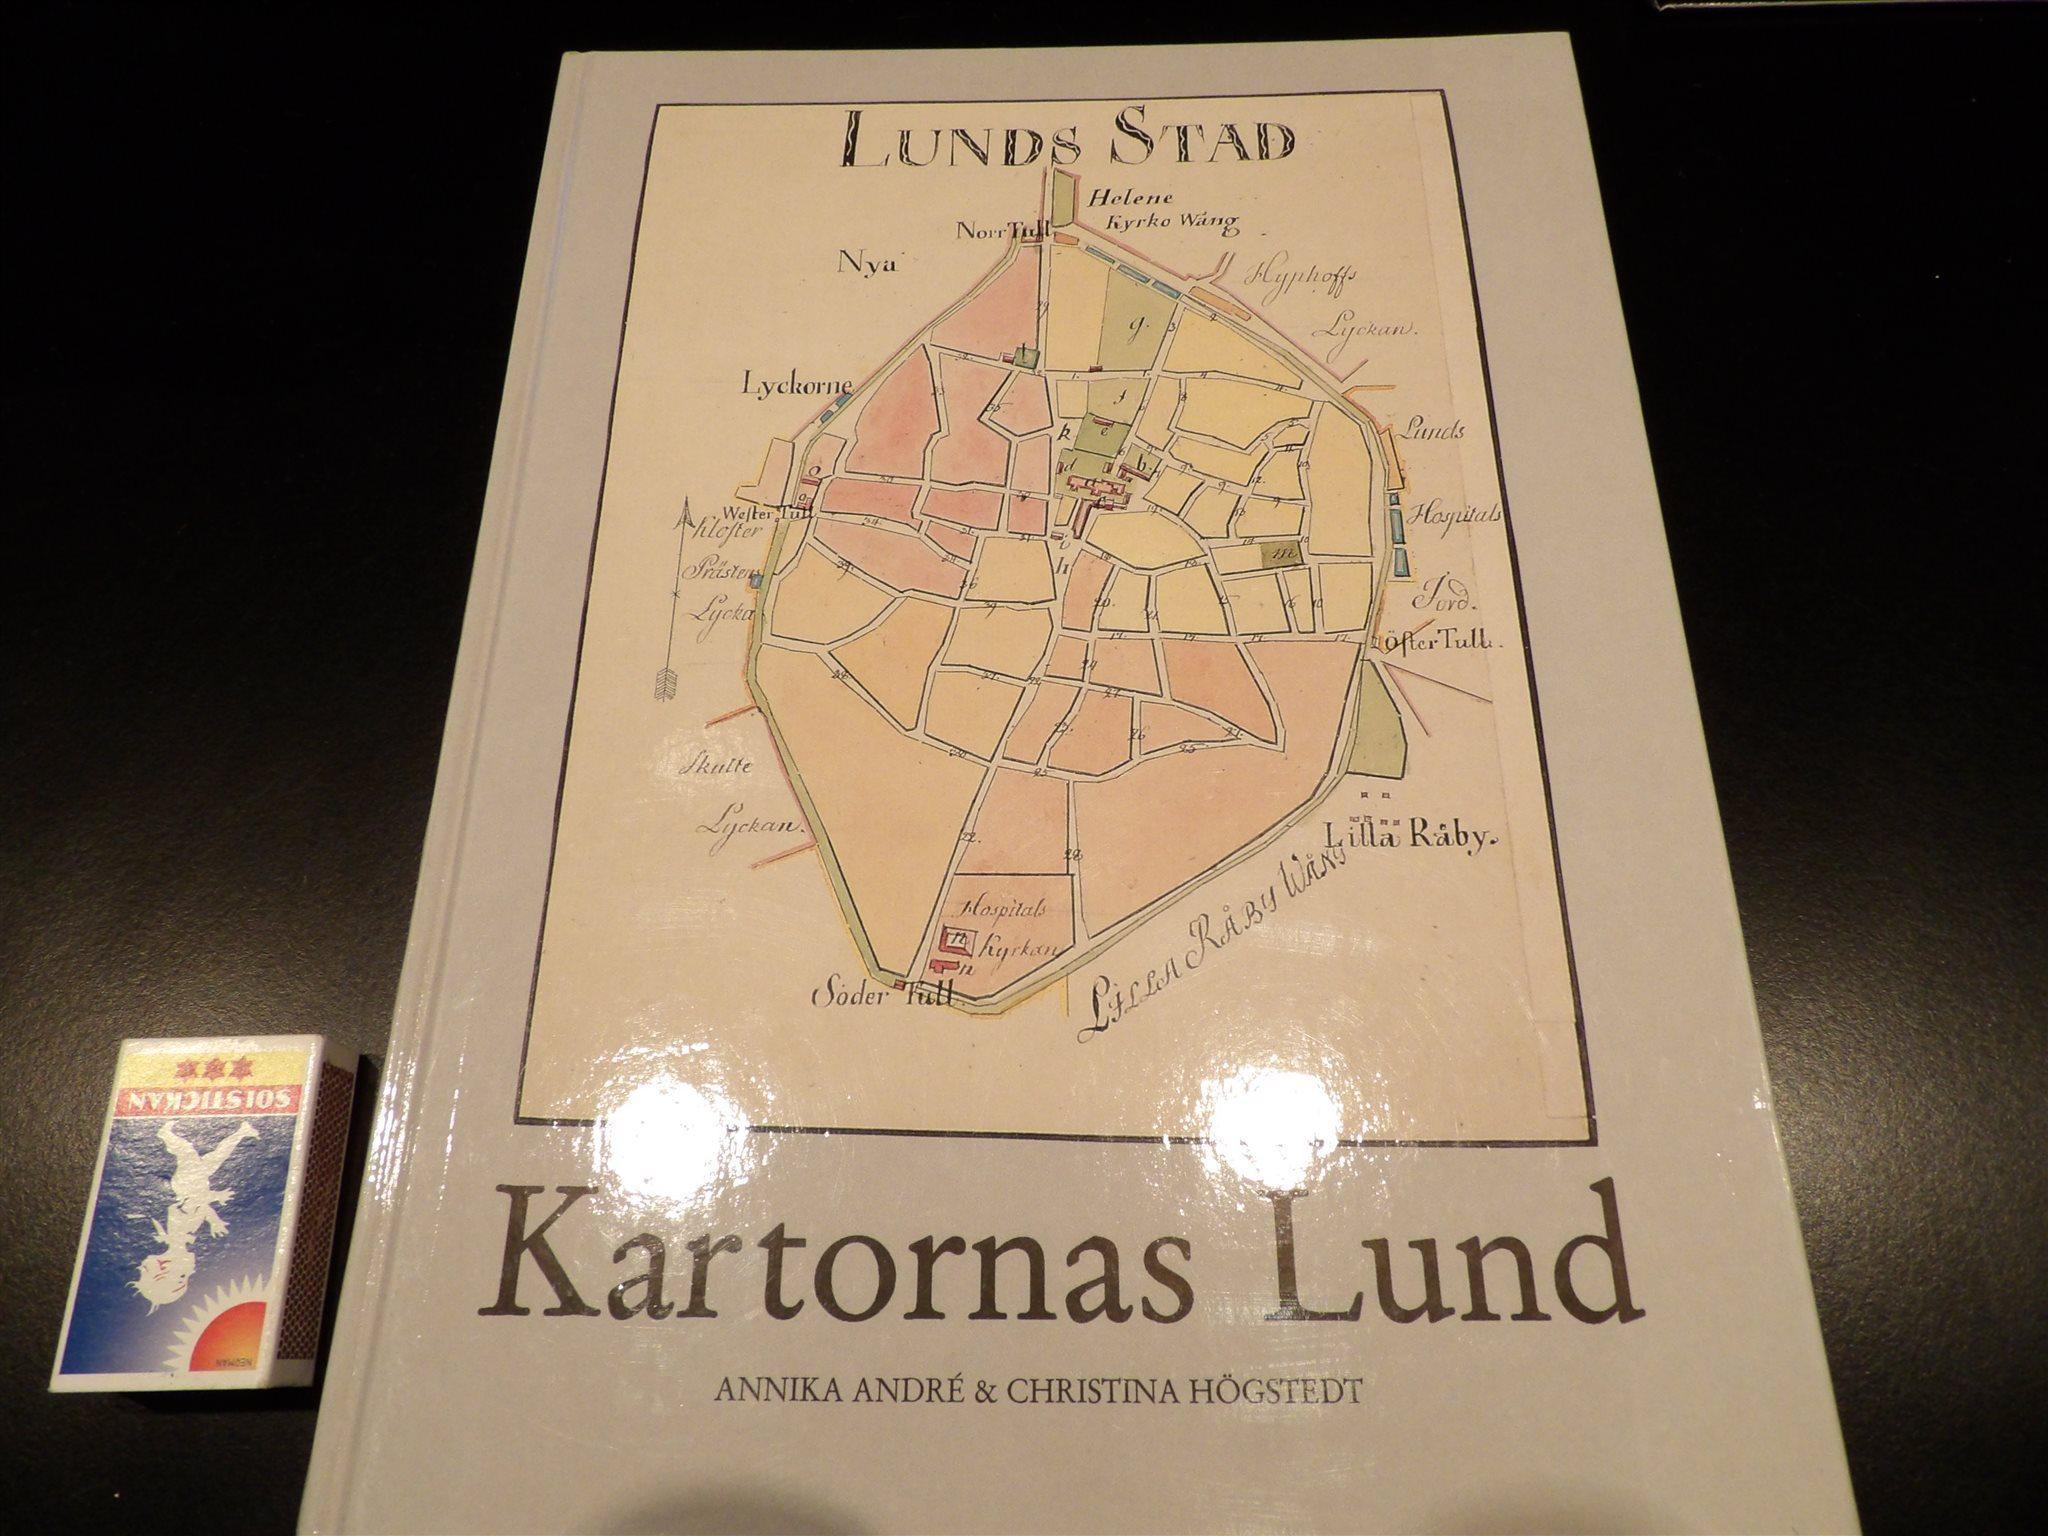 Kartornas LUND - 60 historiska kartor!  - FRAKTFRITT!